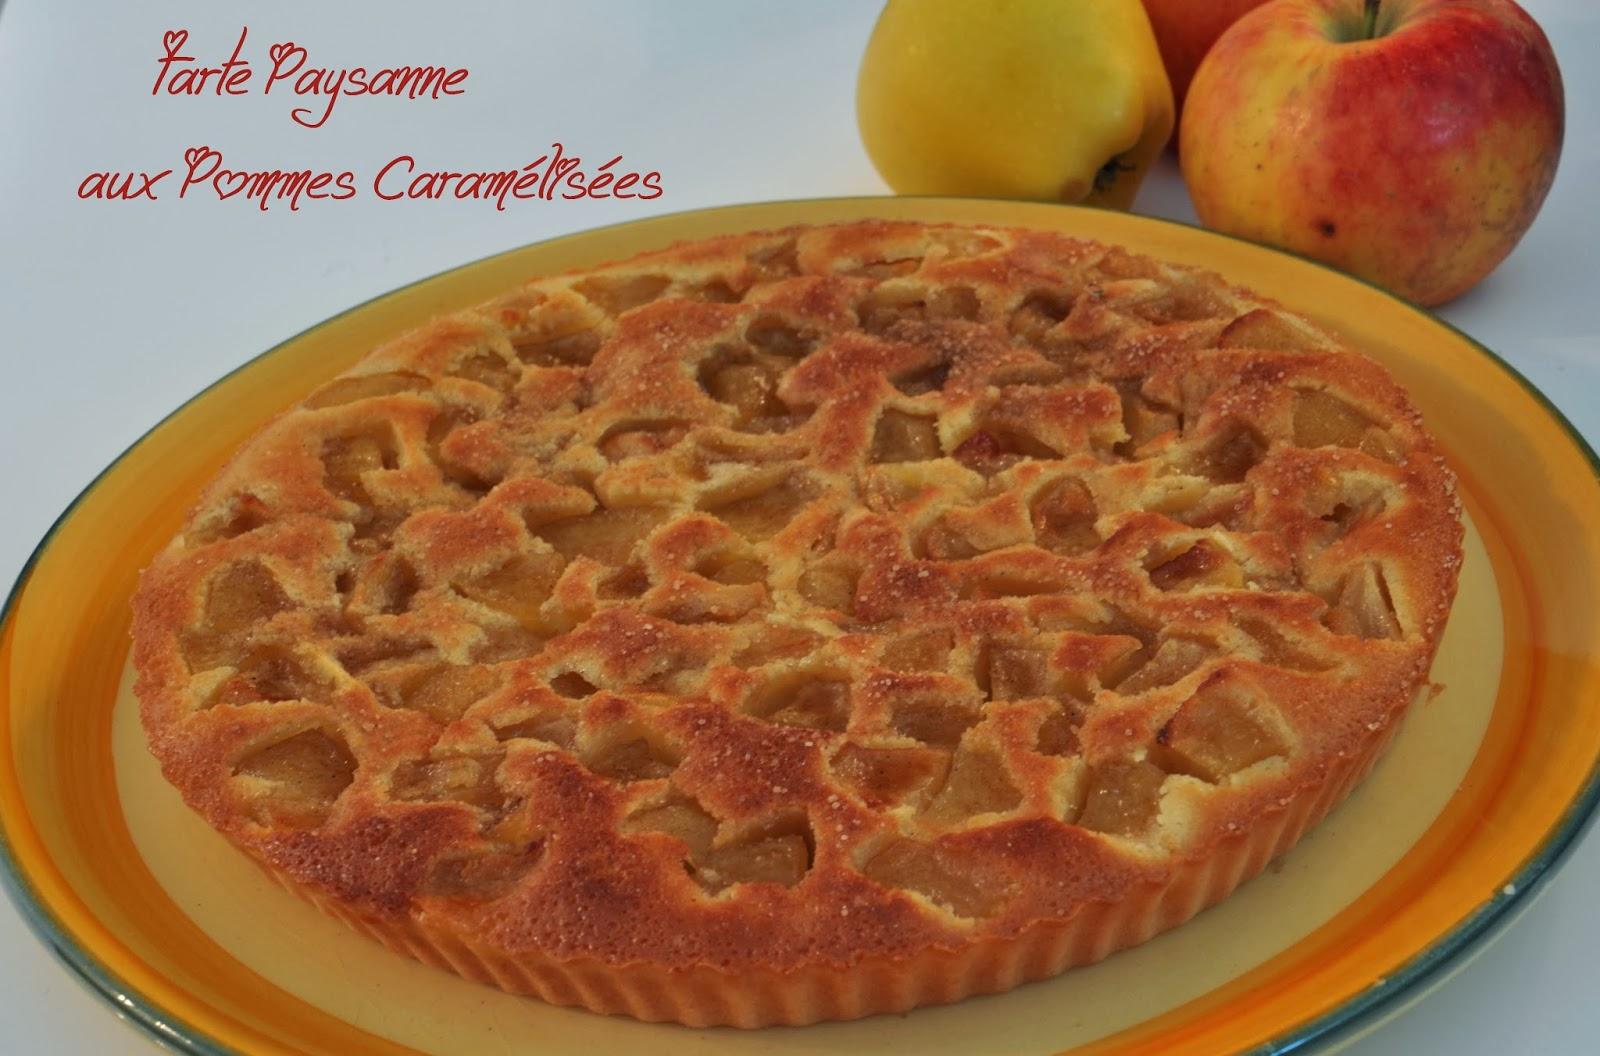 http://de-tambouille-en-barbouille.blogspot.fr/2013/12/tarte-paysanne-aux-pommes-caramelisees.html